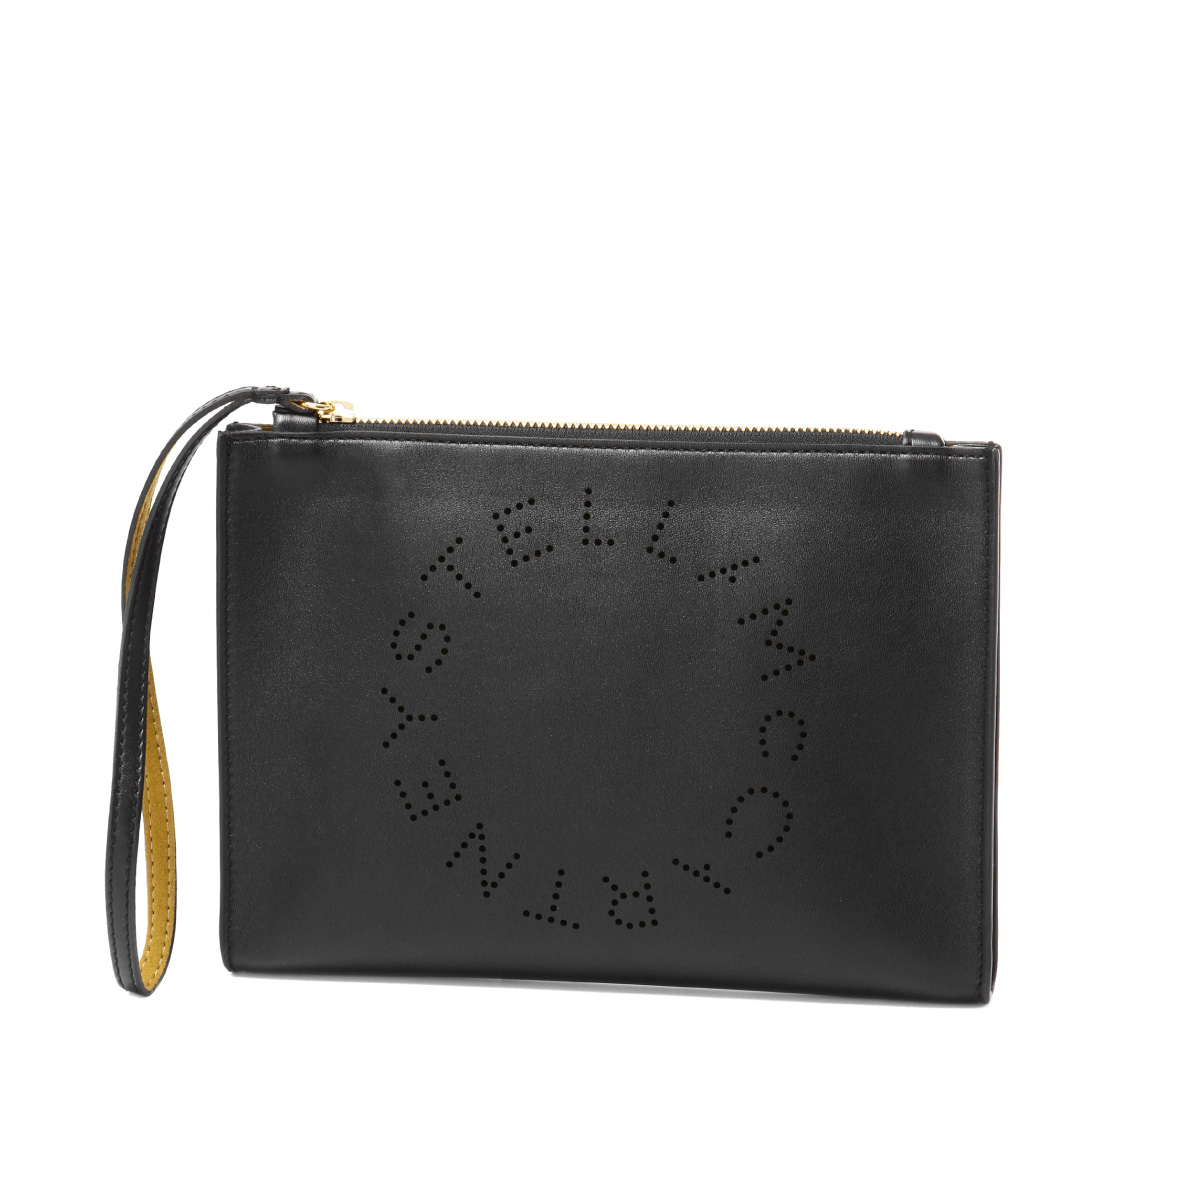 ステラ マッカートニー STELLA McCARTNEY バッグ レディース 502892 W9923 1000 クラッチバッグ BLACK ブラック